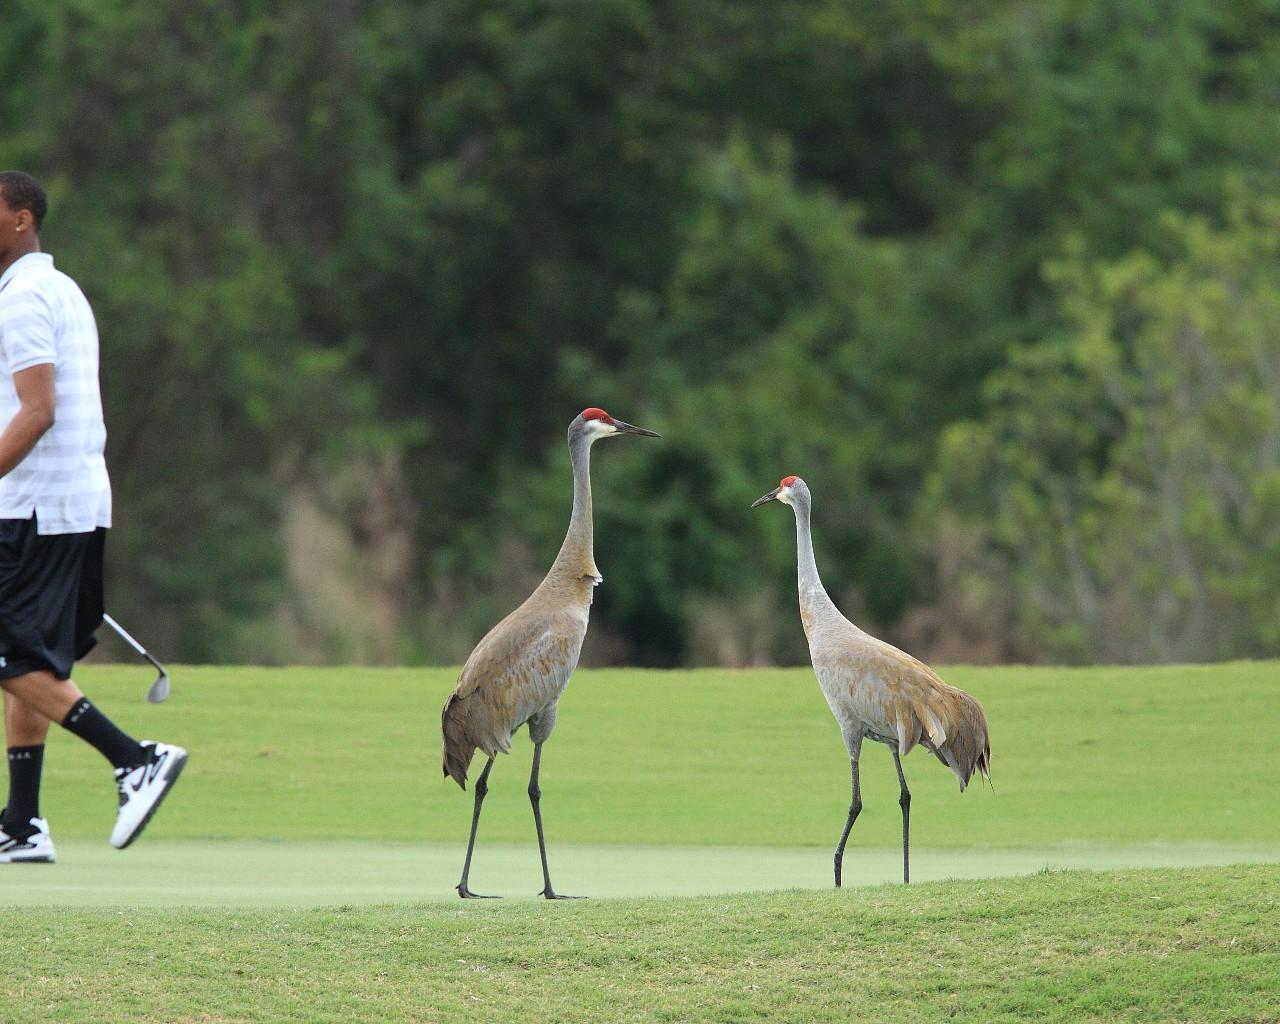 フロリダの鳥2013年春その2: ゴルファーと仲良しのカナダヅル_f0105570_14525276.jpg